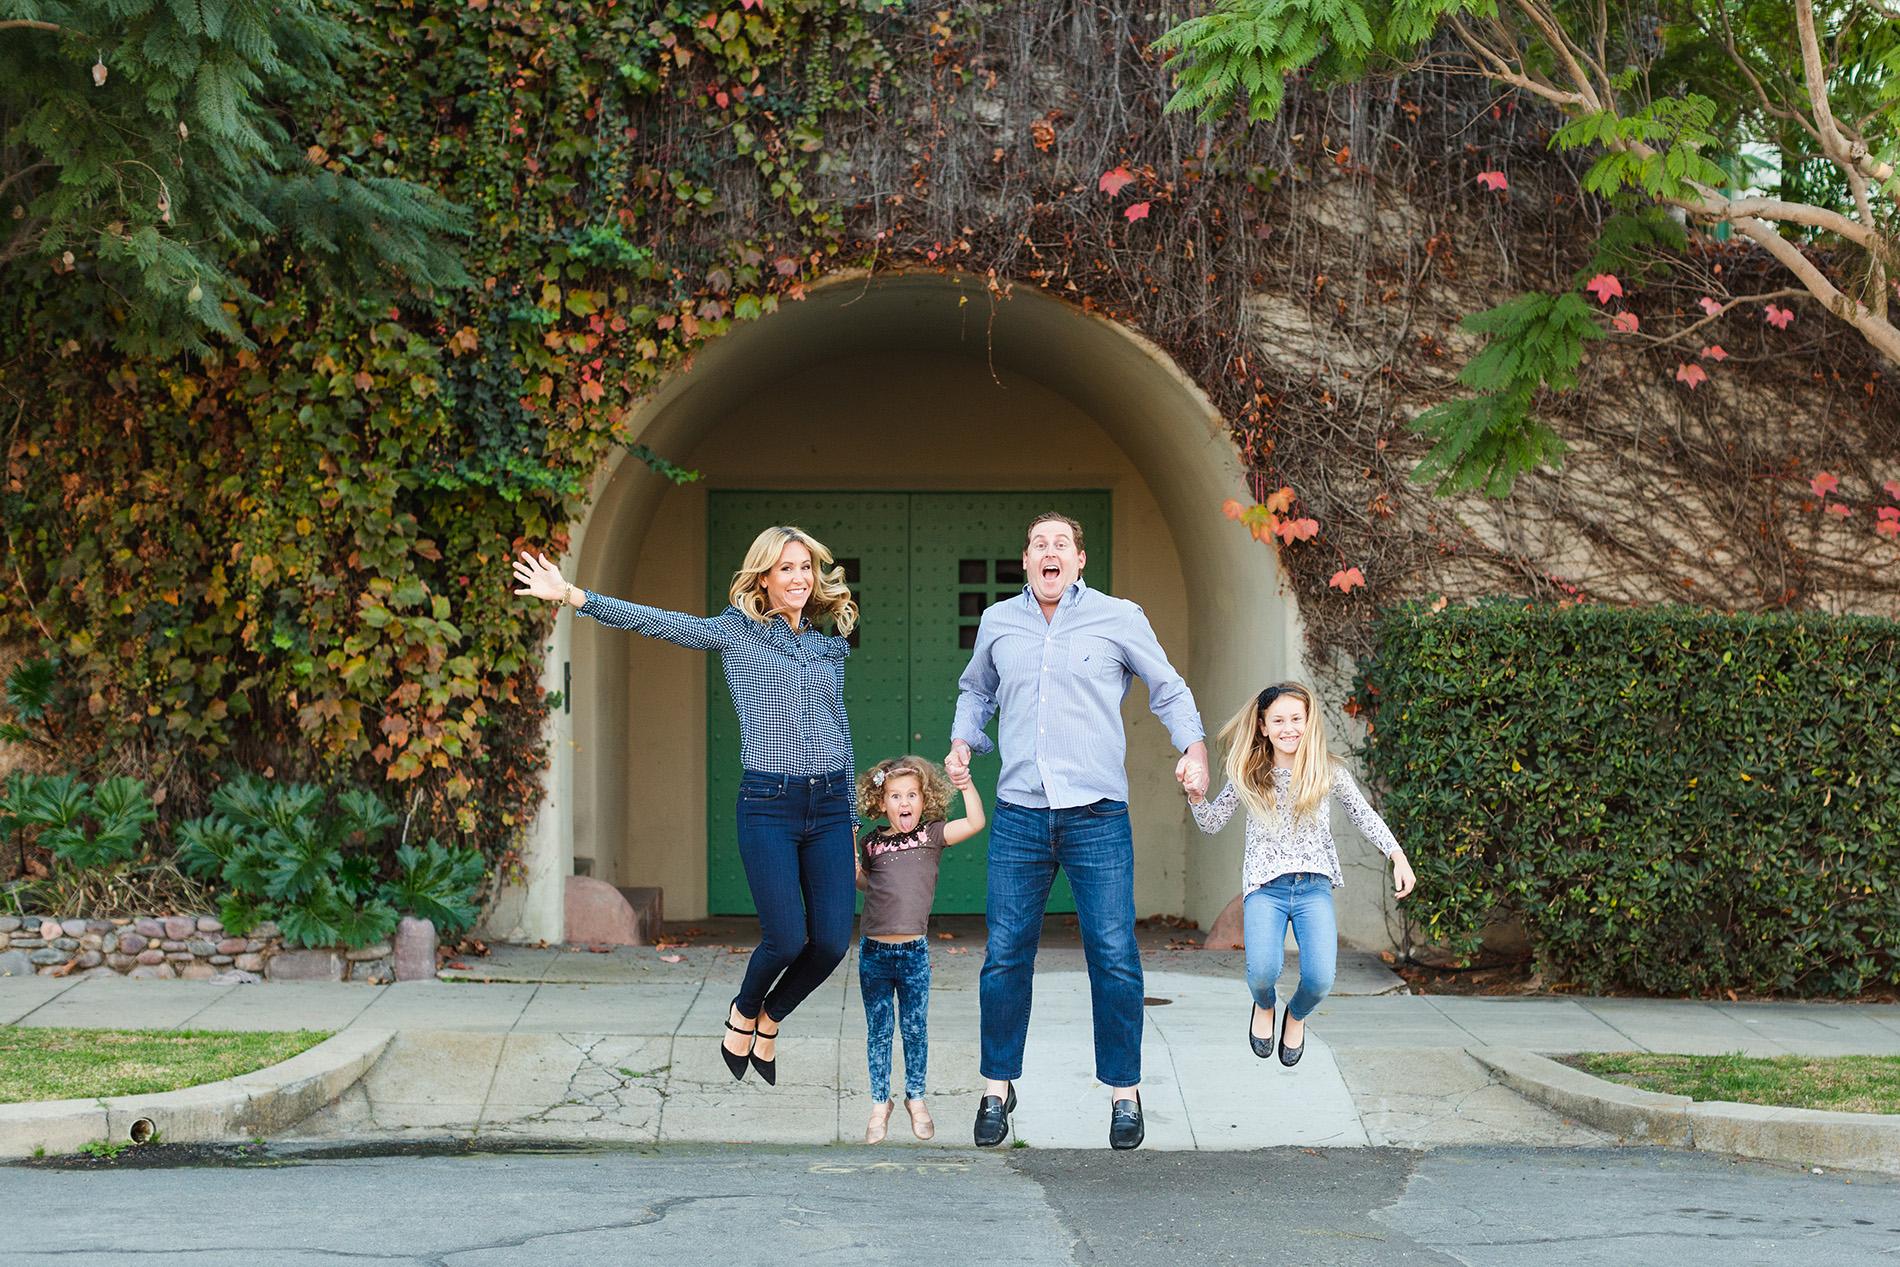 San Diego Family Photographer Christine Dammann Photography Holiday Photos.SFWS56.jpg